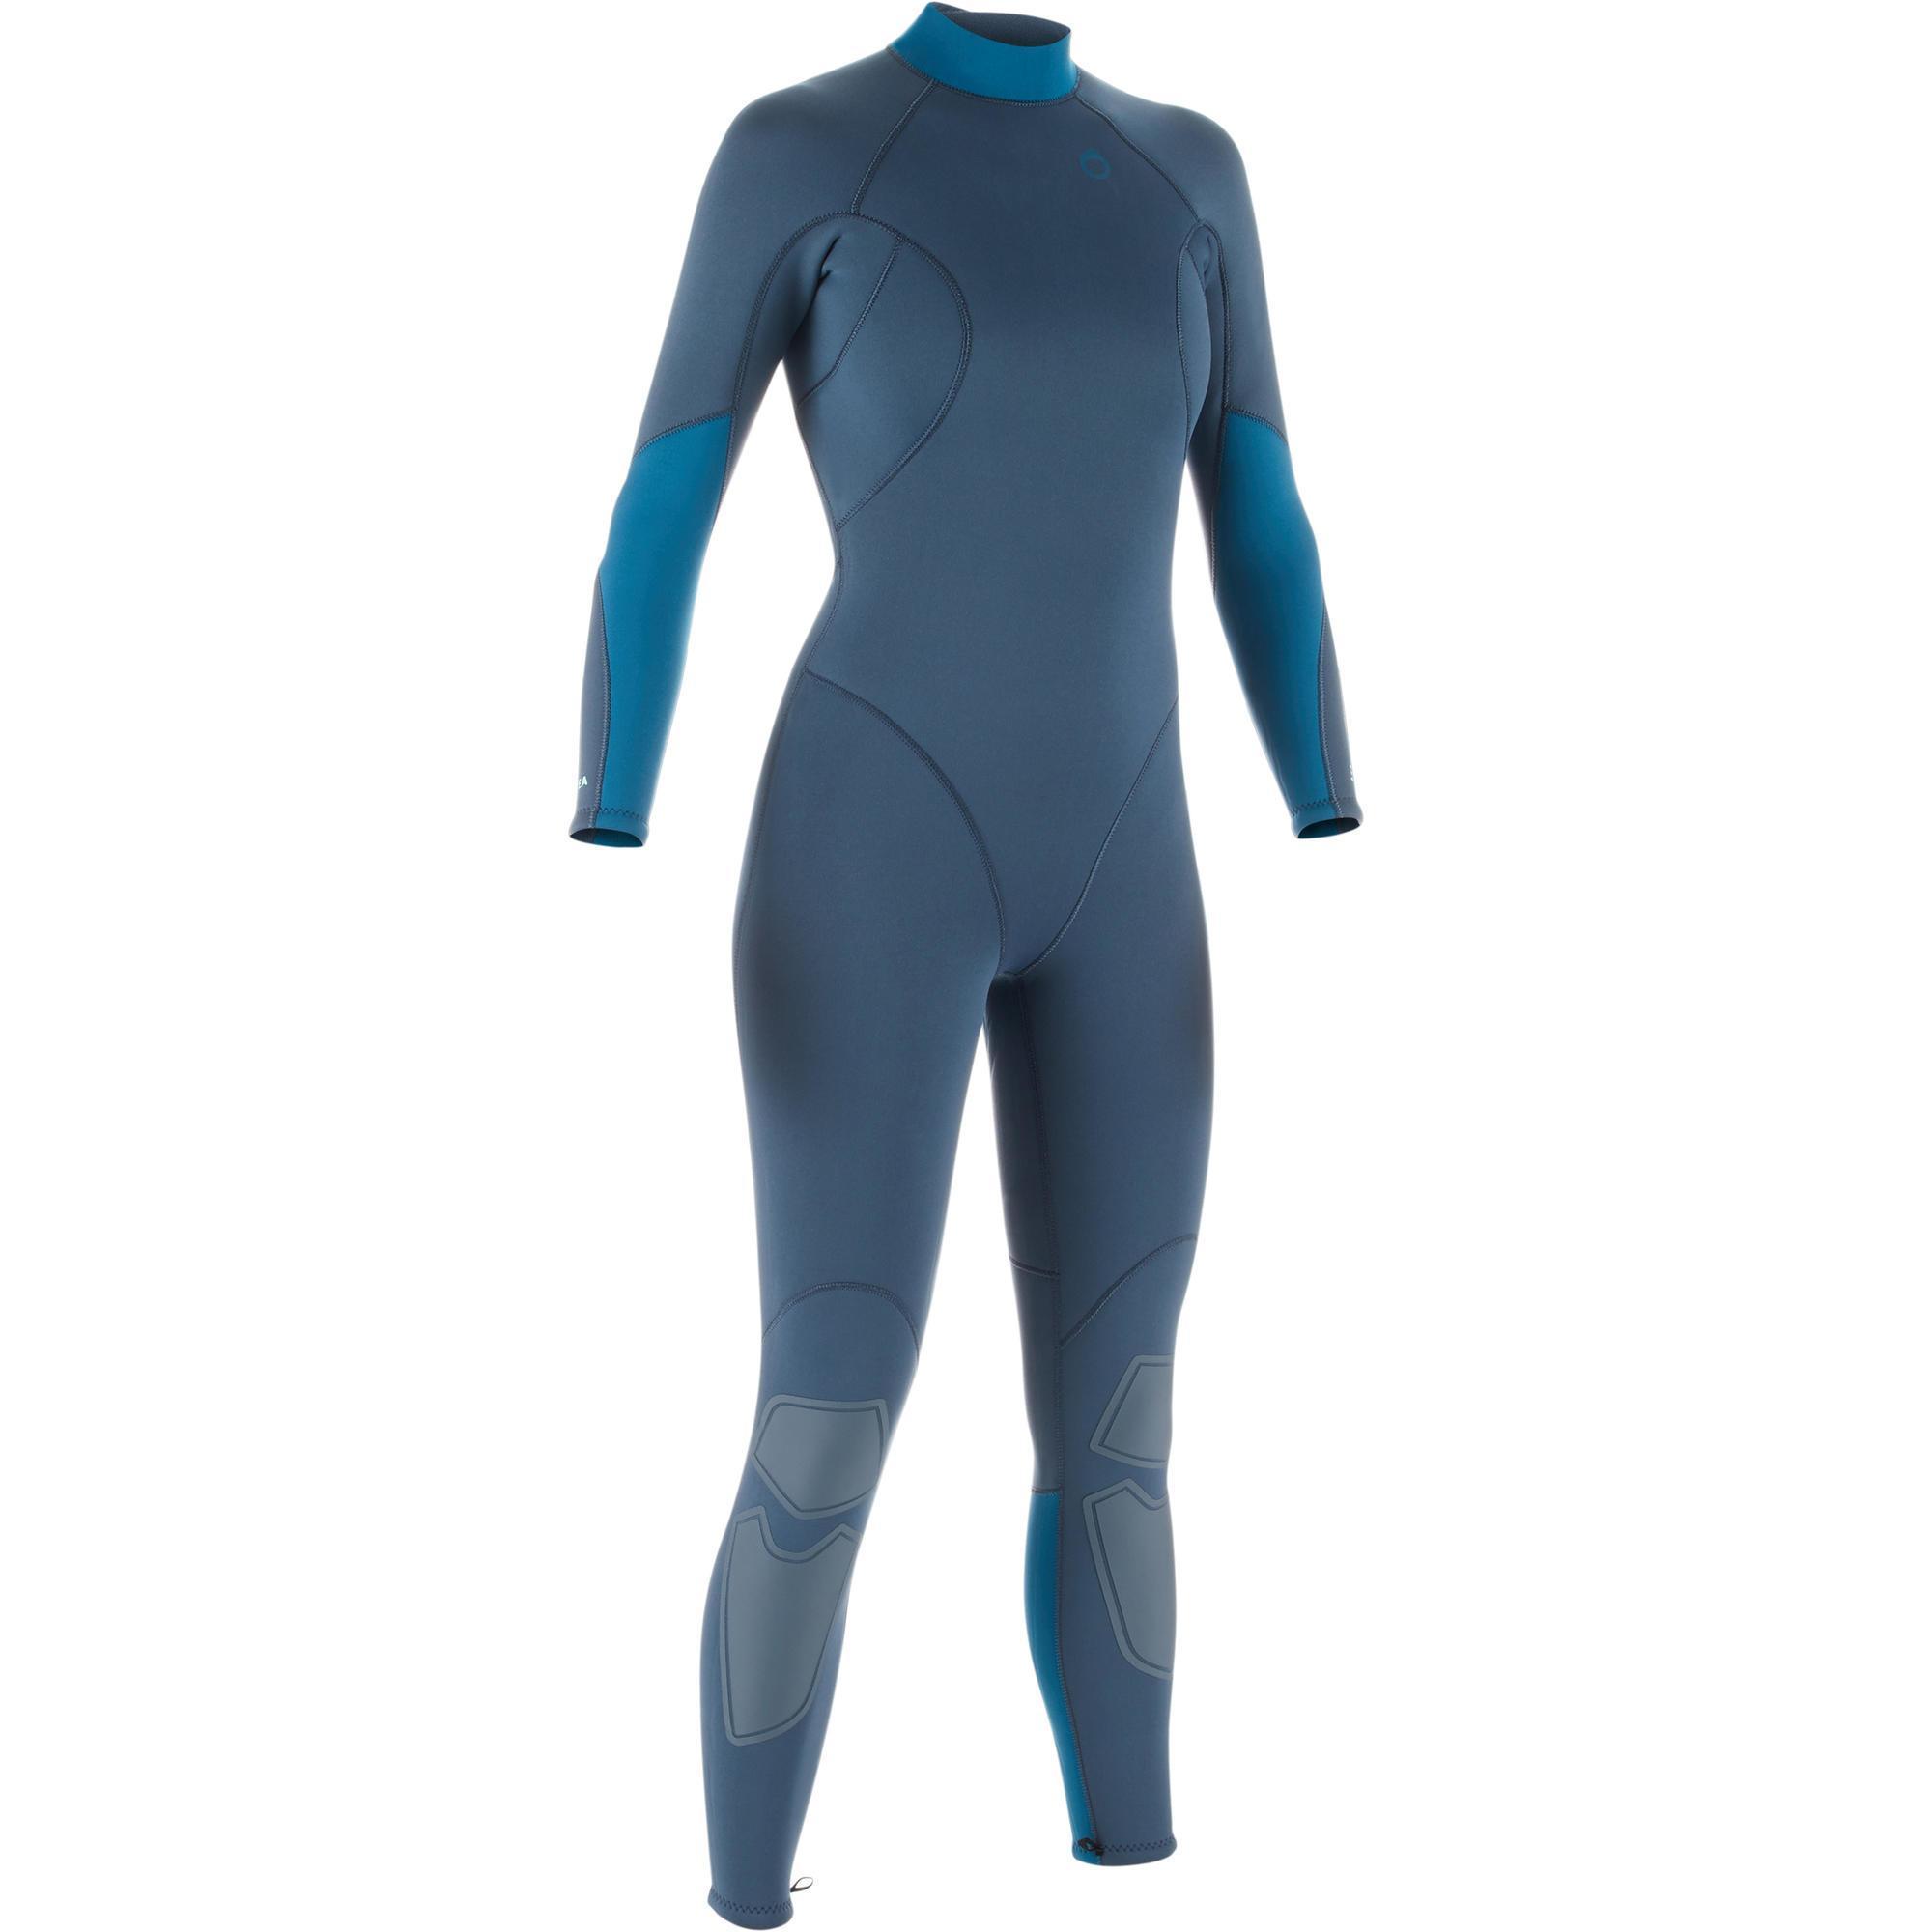 Neoprenanzug Tauchen SCD 100 Neopren 3 mm Rückenverschluss Damen | Sportbekleidung > Sportanzüge > Sonstige Sportanzüge | Grau - Blau | Ab - Gummi | Subea